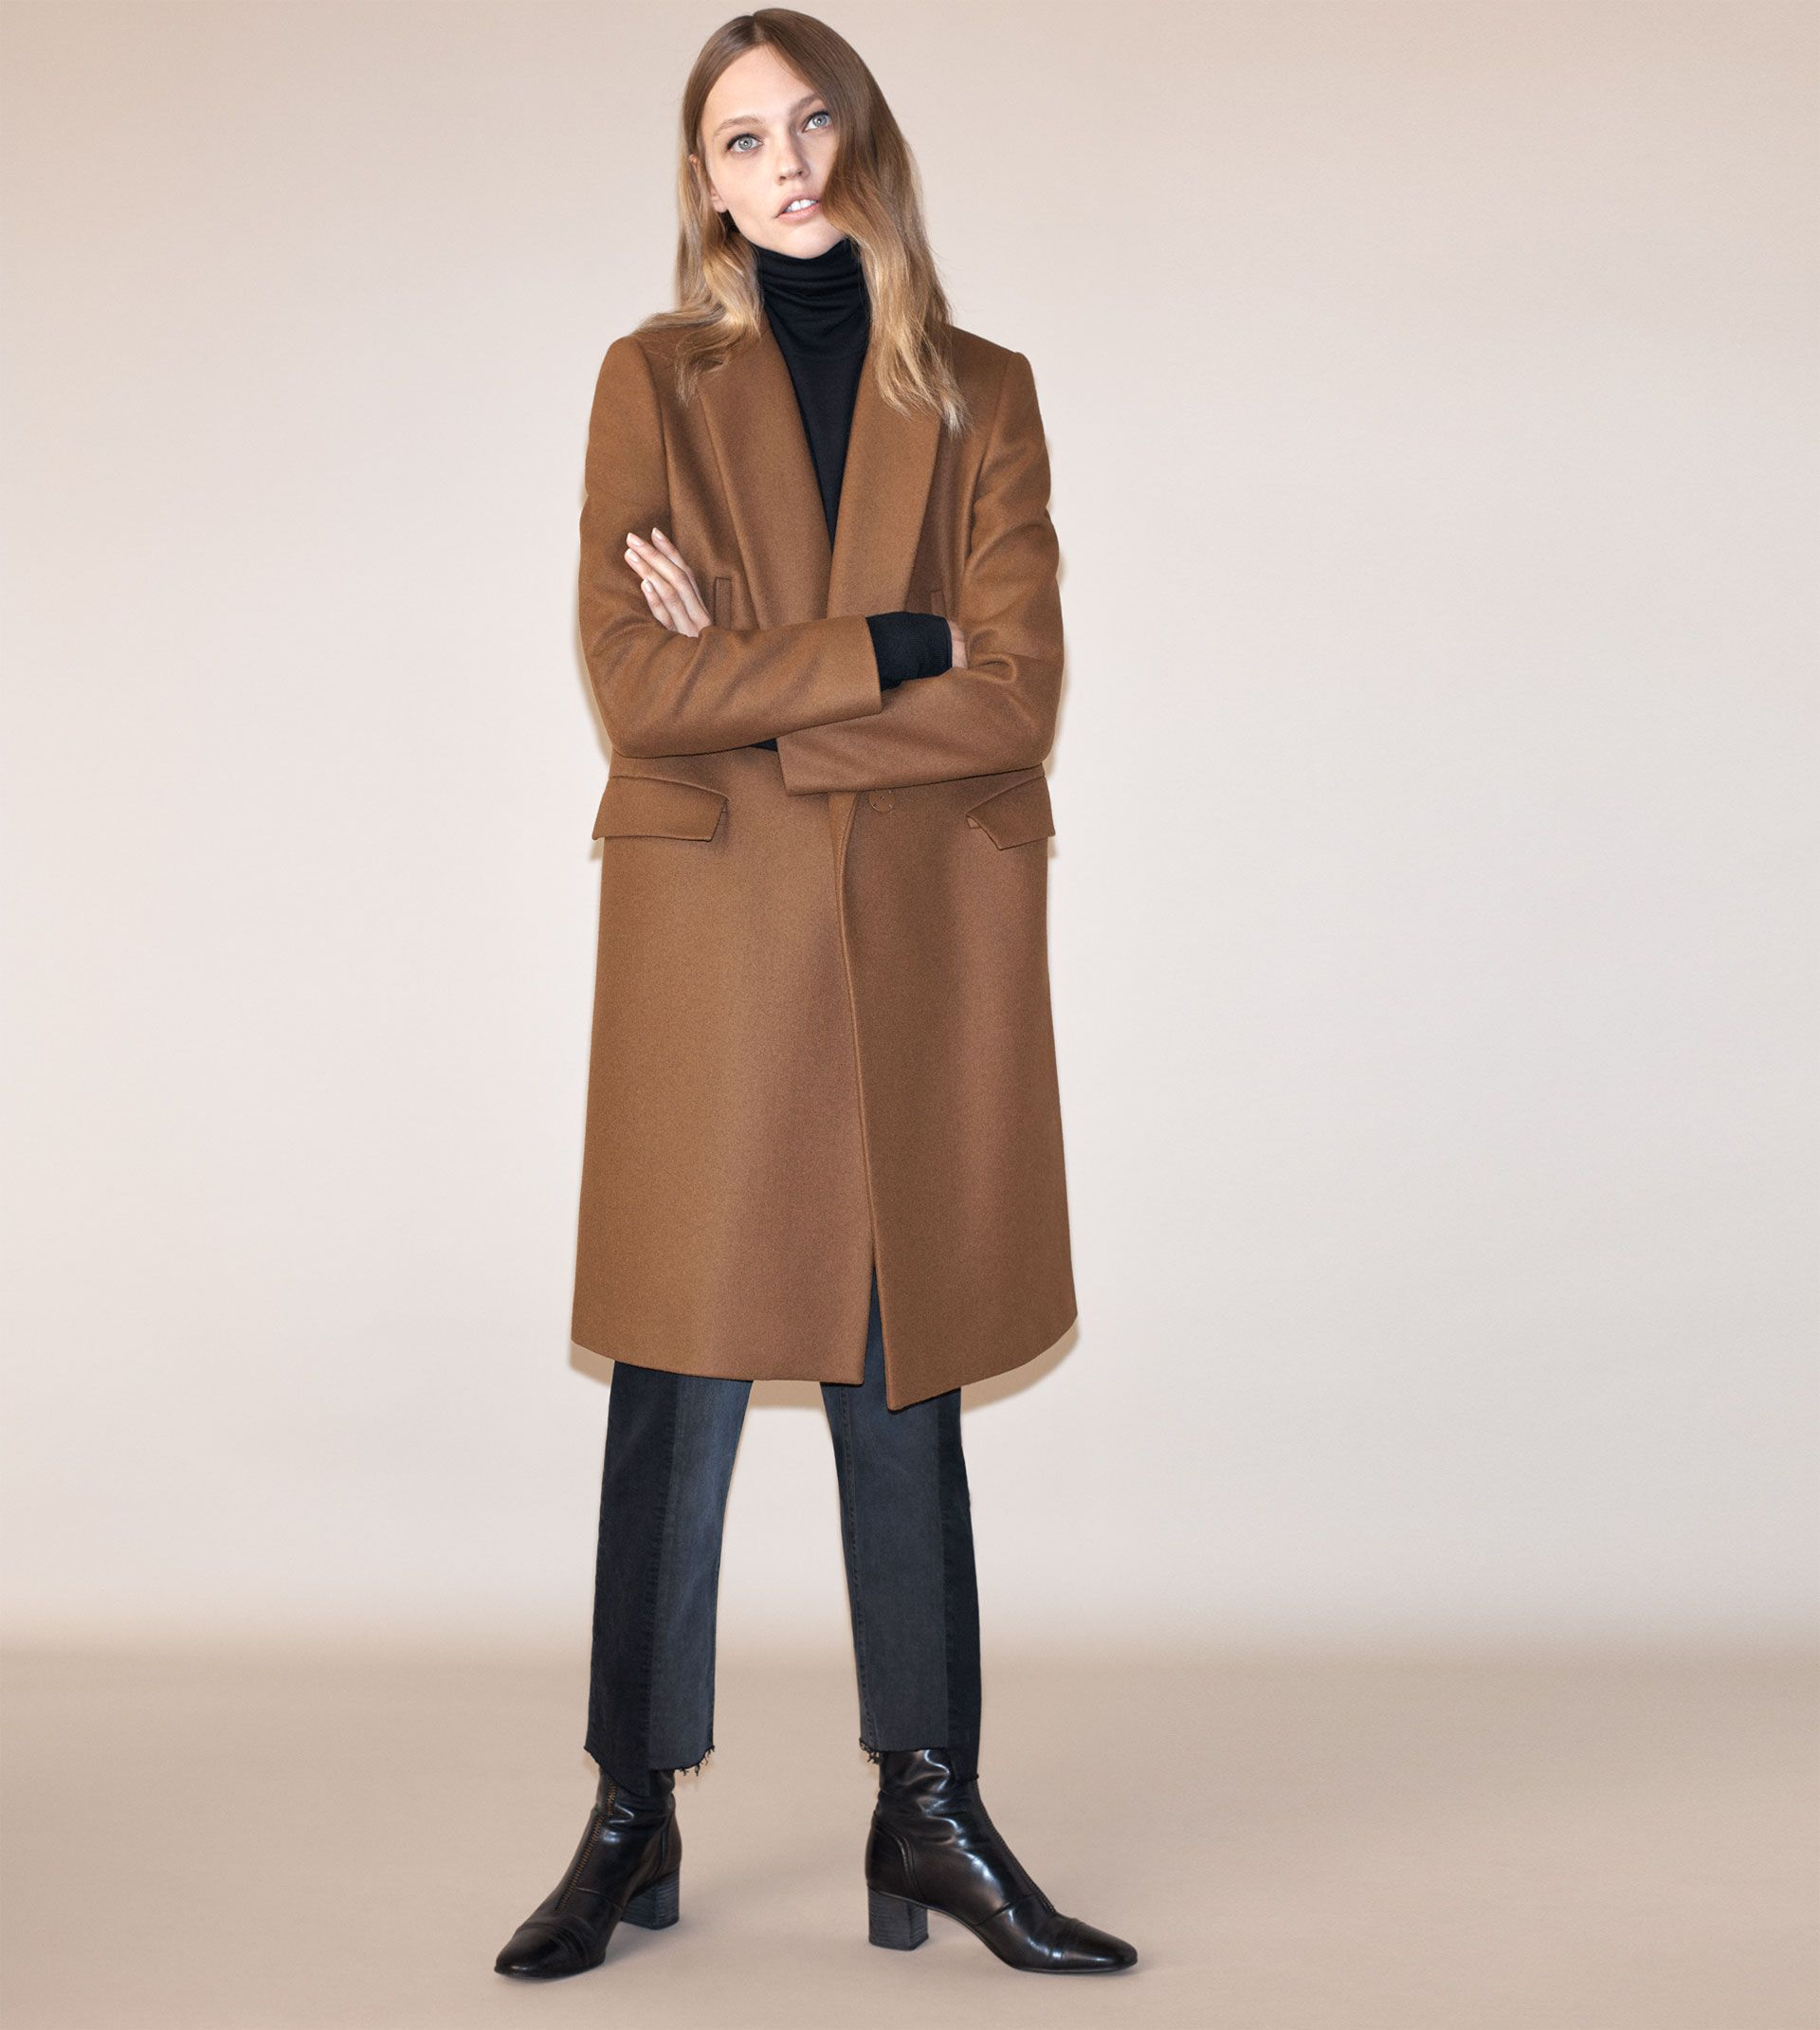 L'inverno 13 Zara Per Modelli Cappotti aOwInPqP